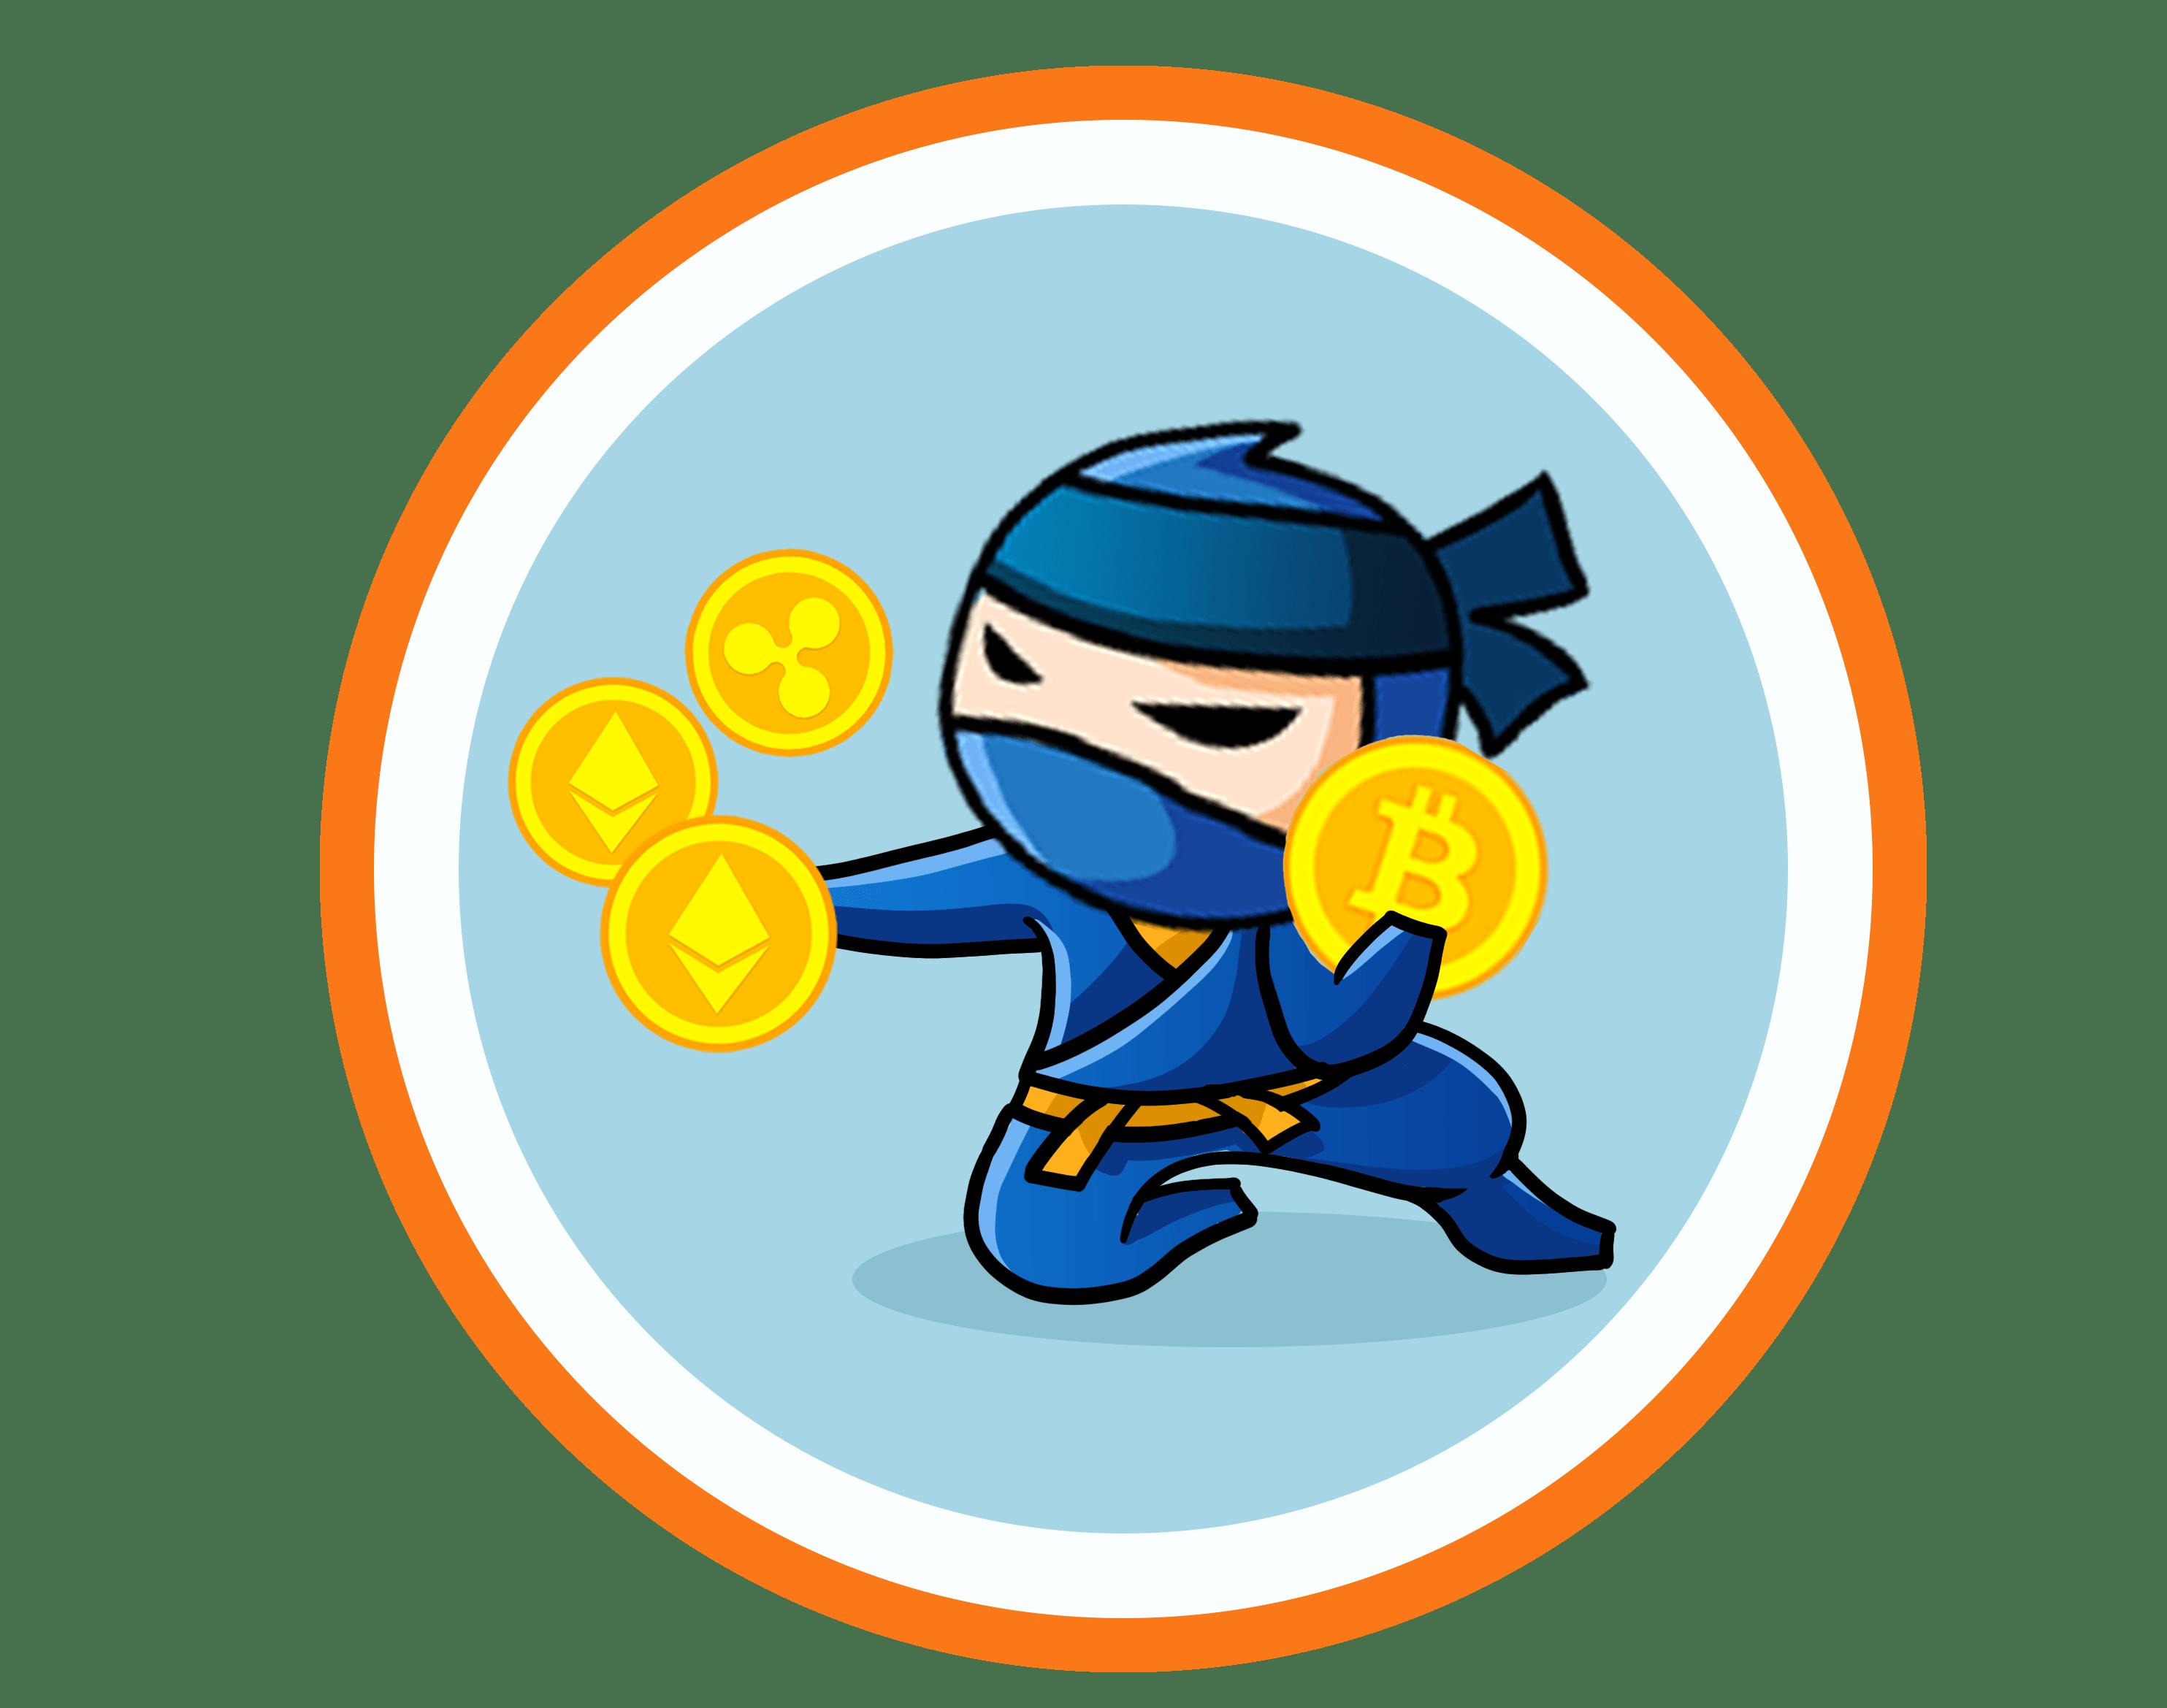 lehet-e gyorsan pénzt keresni a bitcoinokon? nagy pénzt keresni könnyű